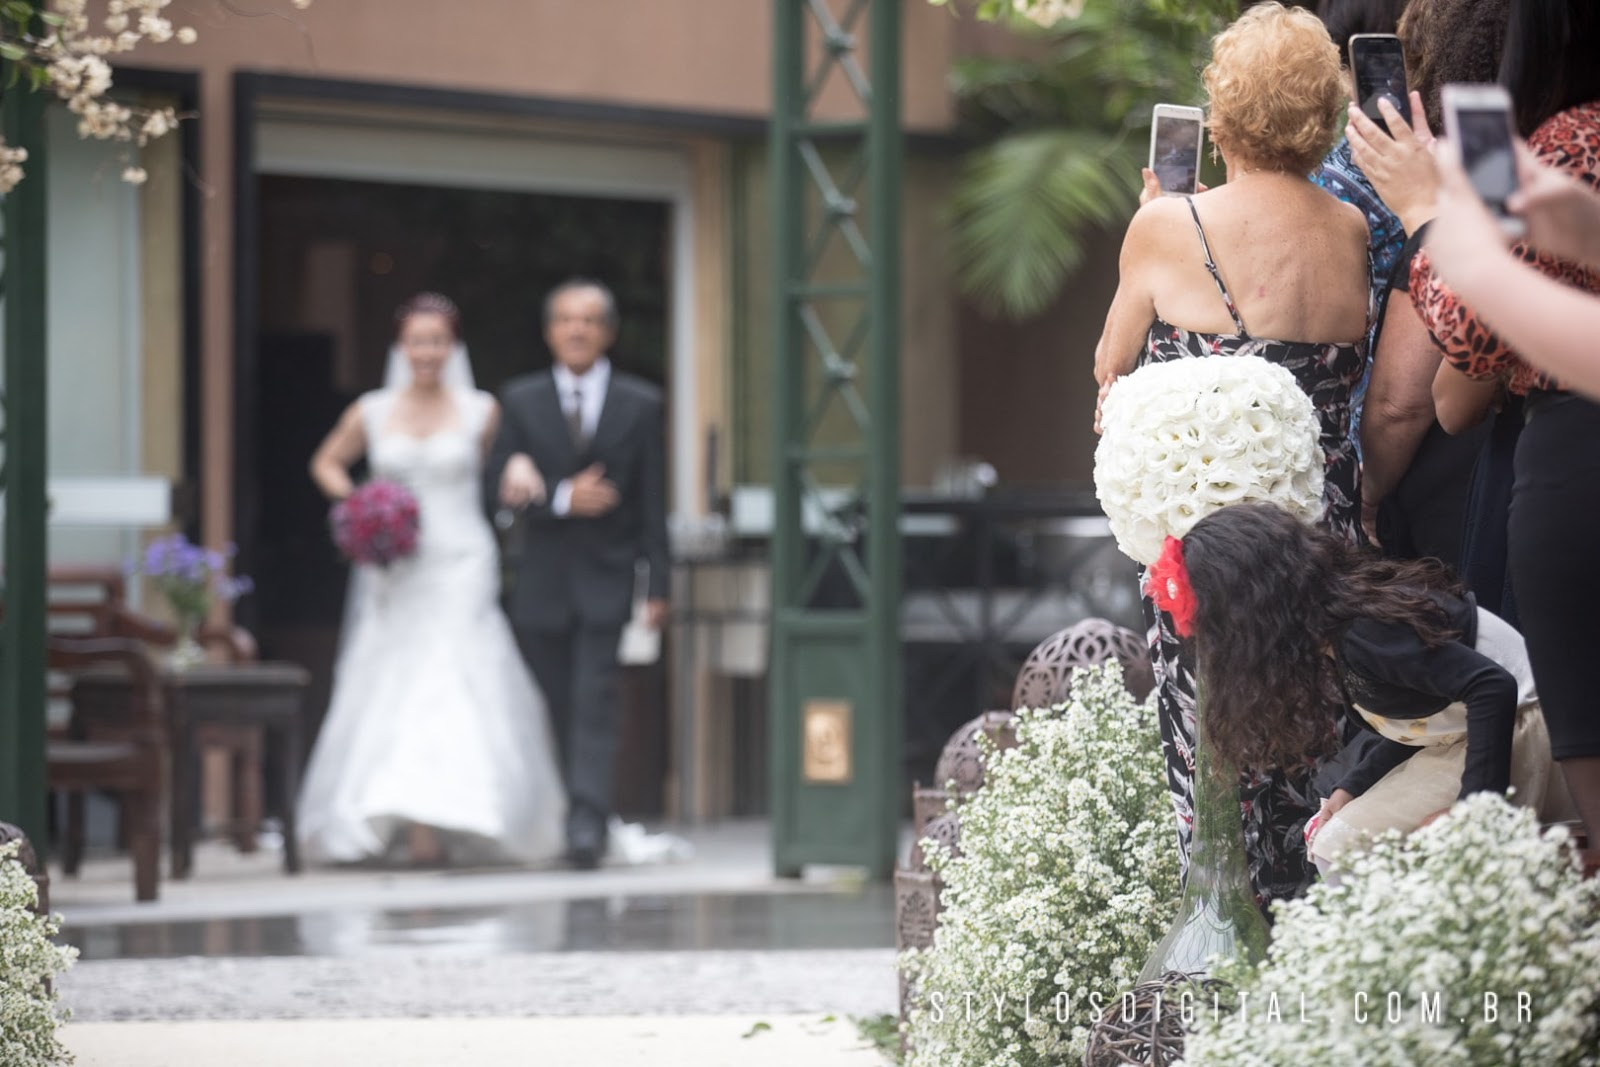 casamento Espaco vdara